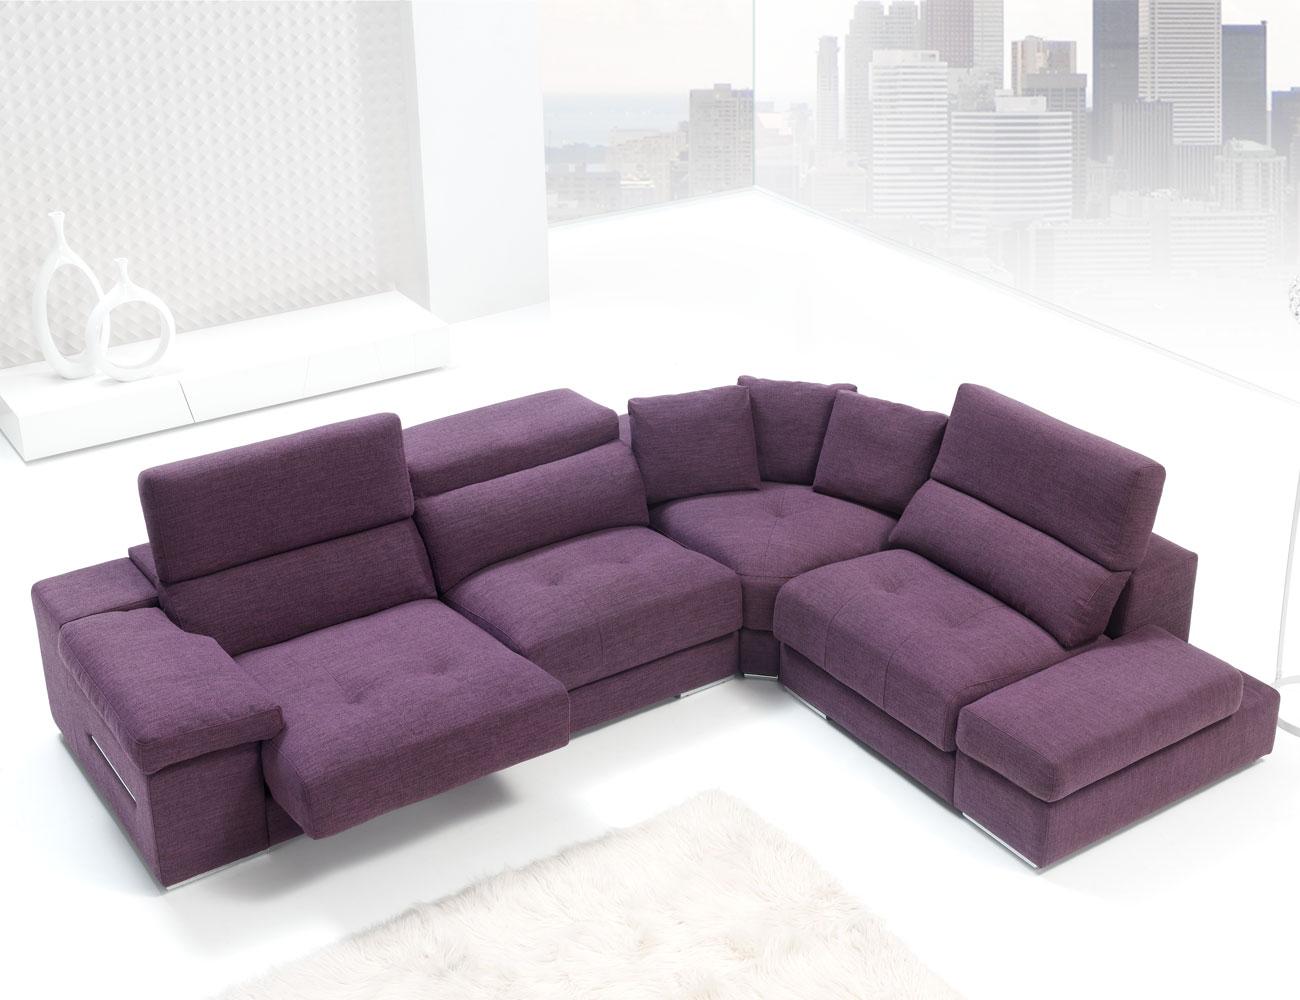 Sofa chaiselongue rincon con brazo mecanico tejido anti manchas 234